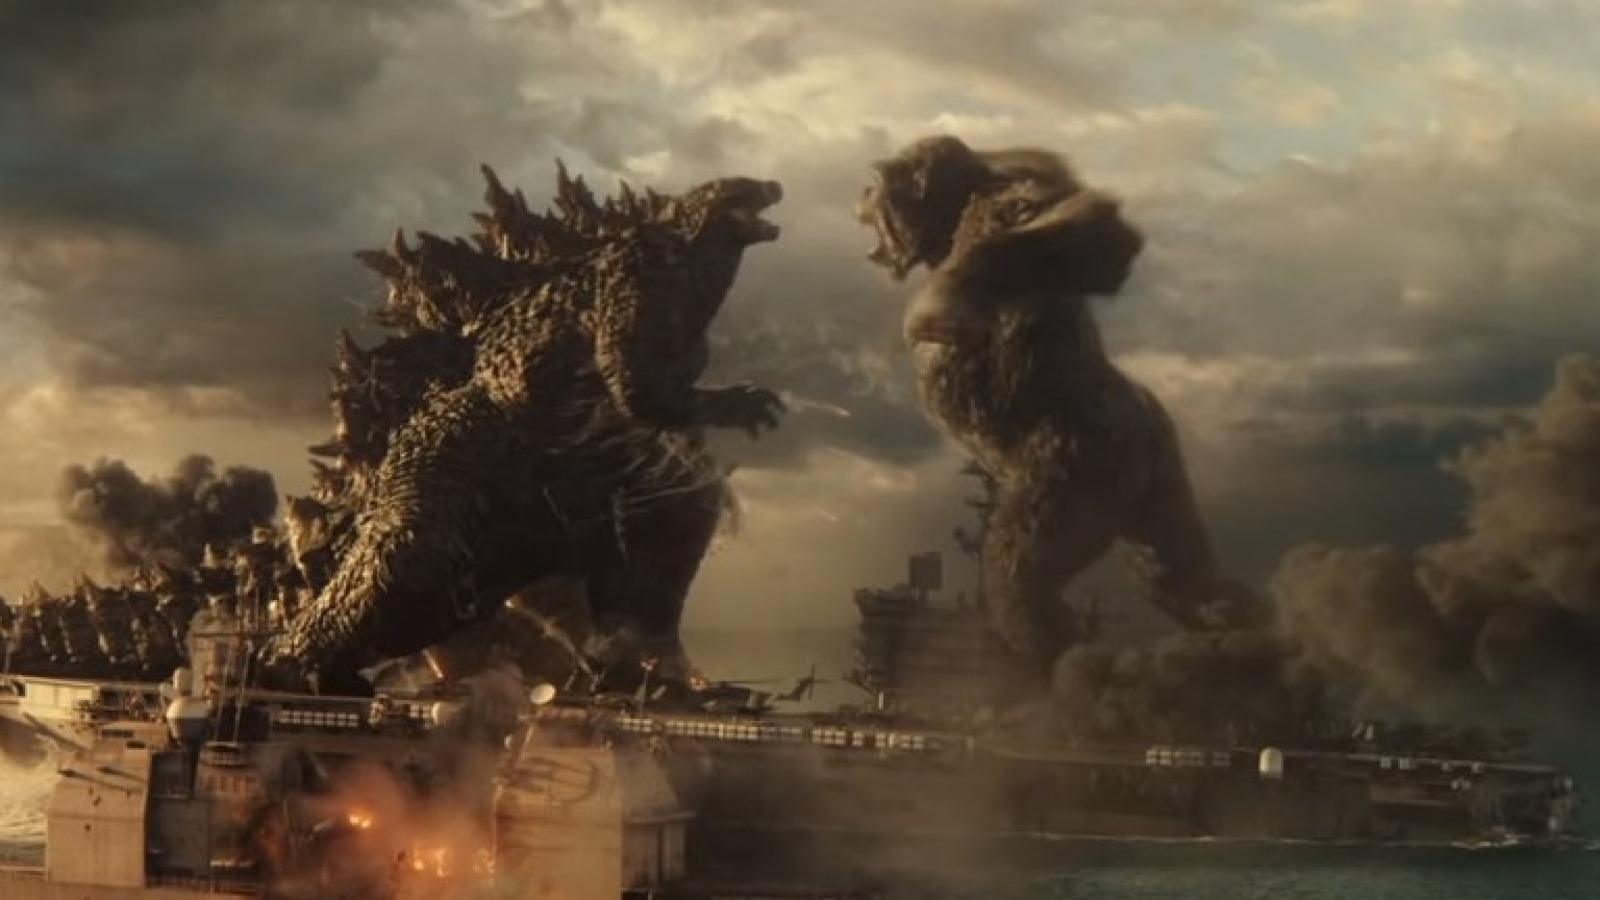 Hai siêu quái vật Godzilla và Kong đại chiến trong trailer mới nhất